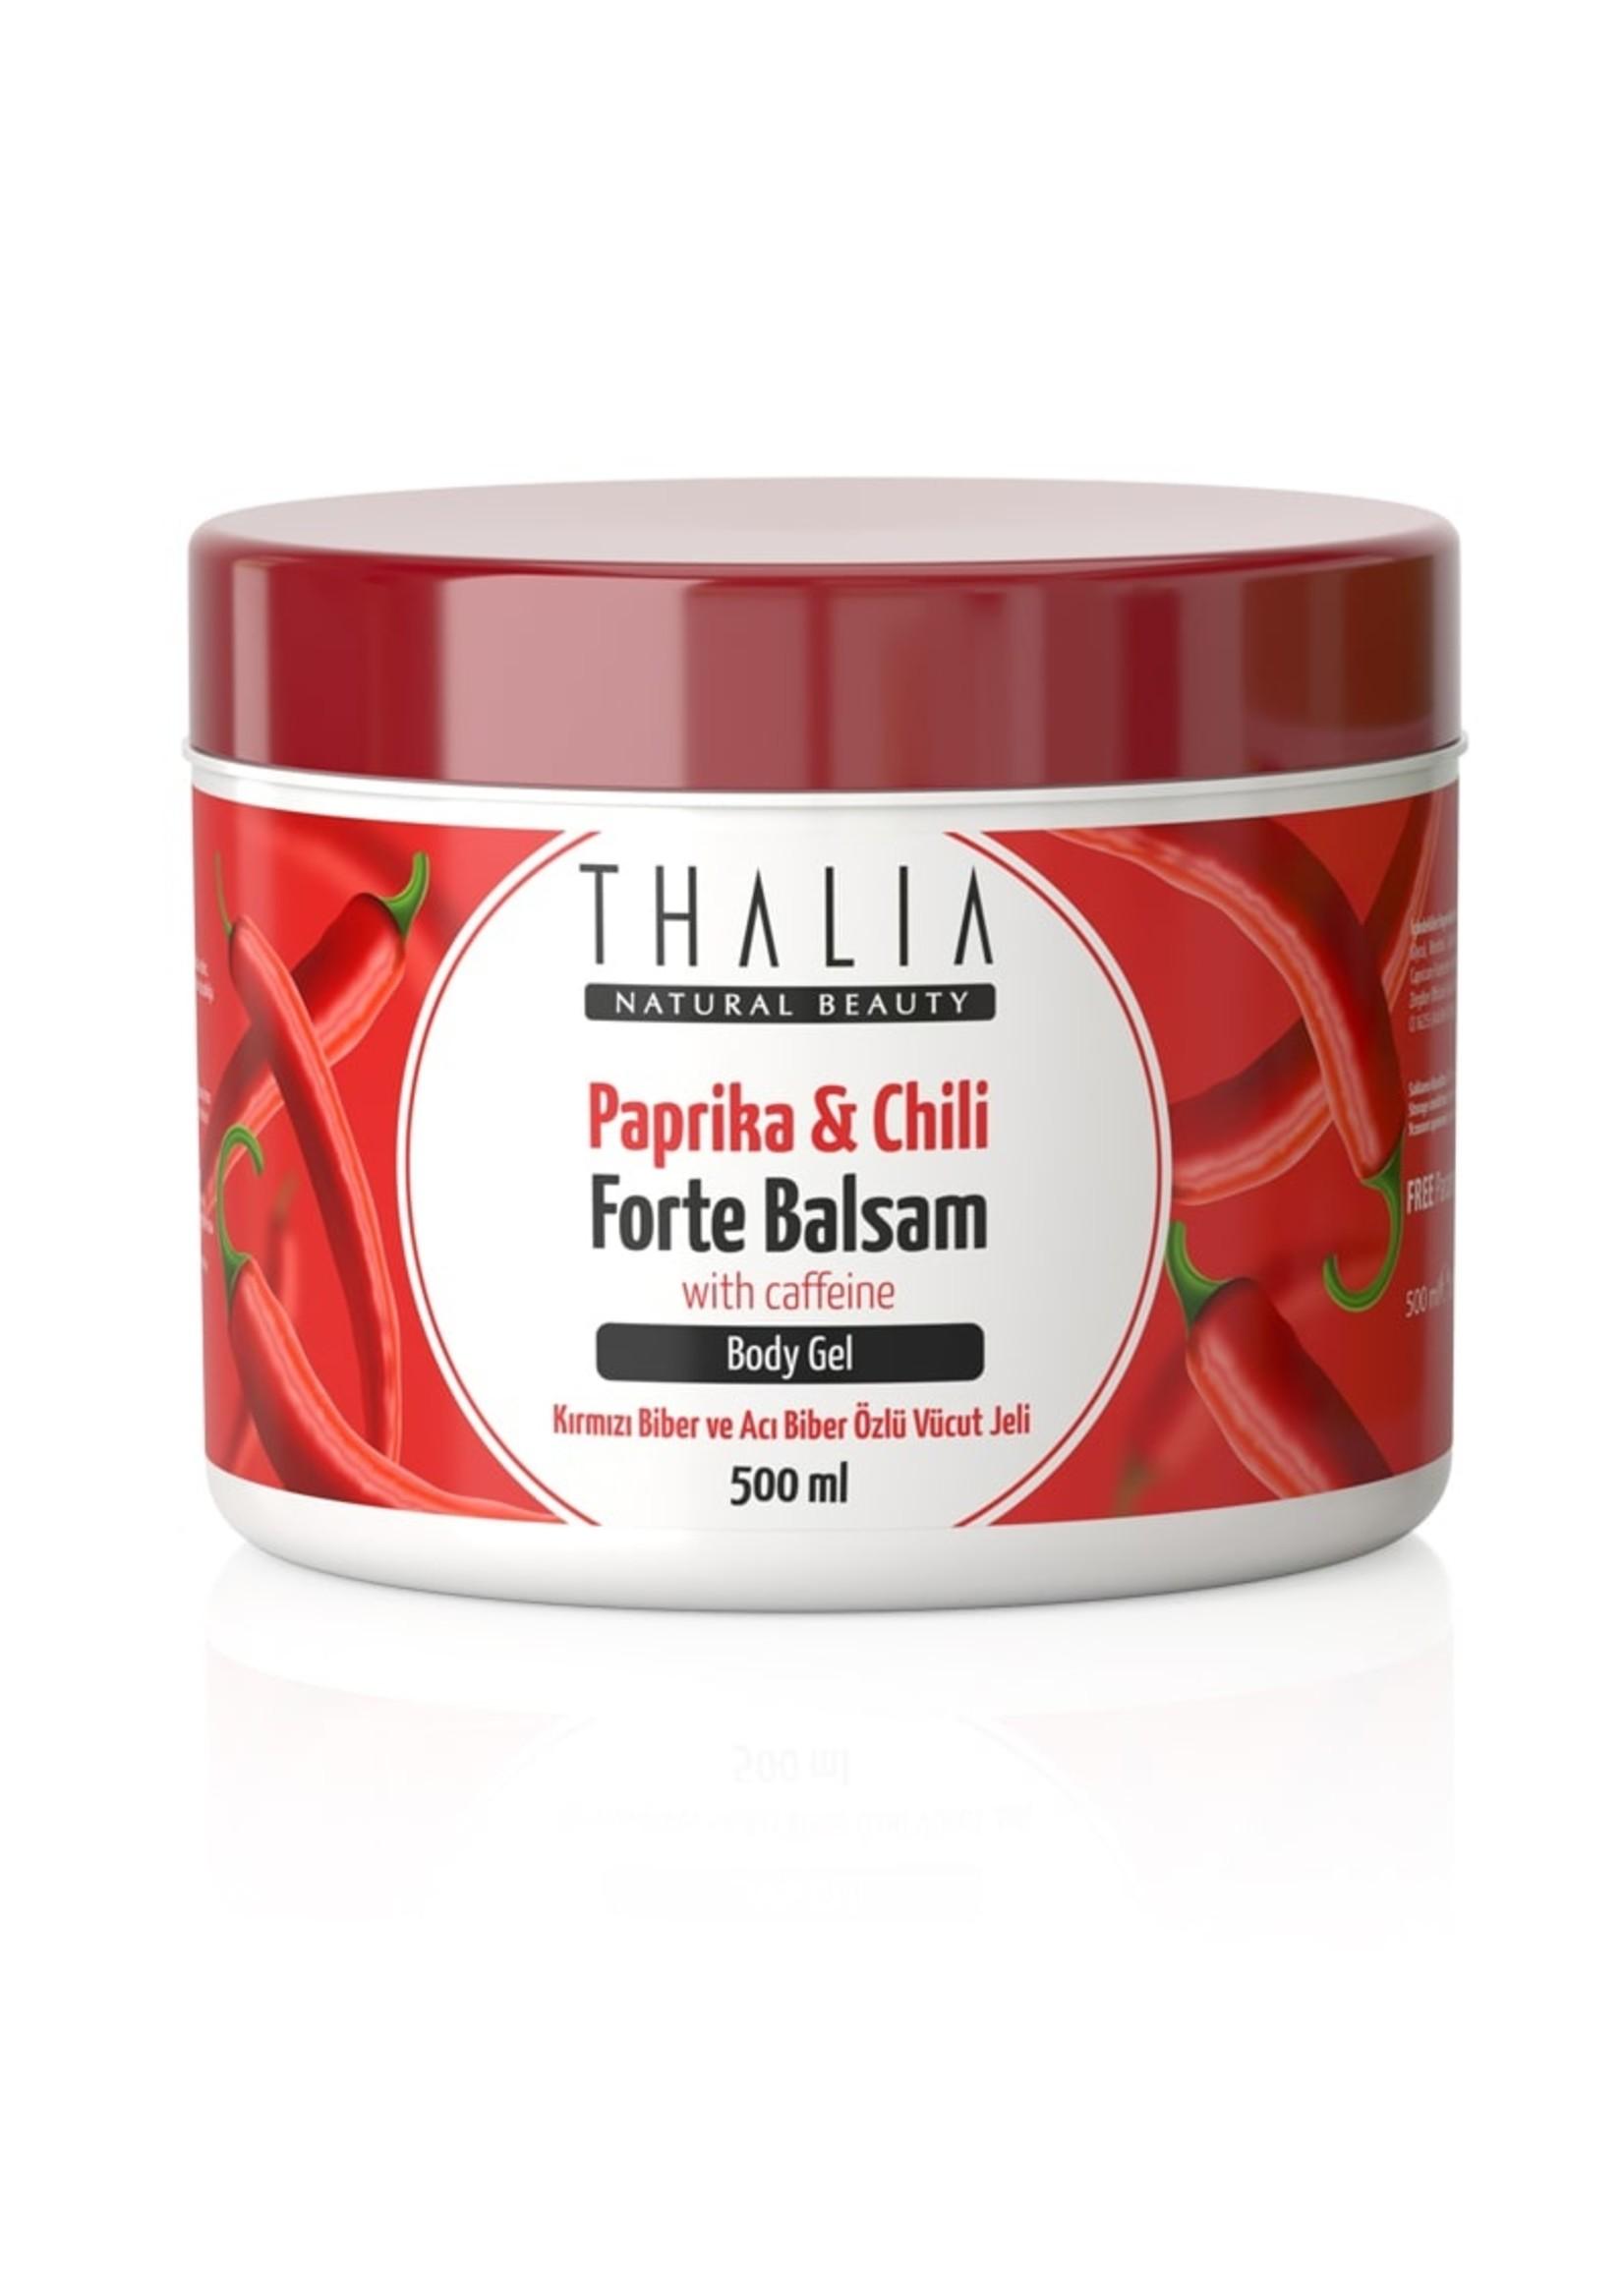 Thalia Rode peper en hete peper Extract Massage Gel Forte Balsem - 500 ml